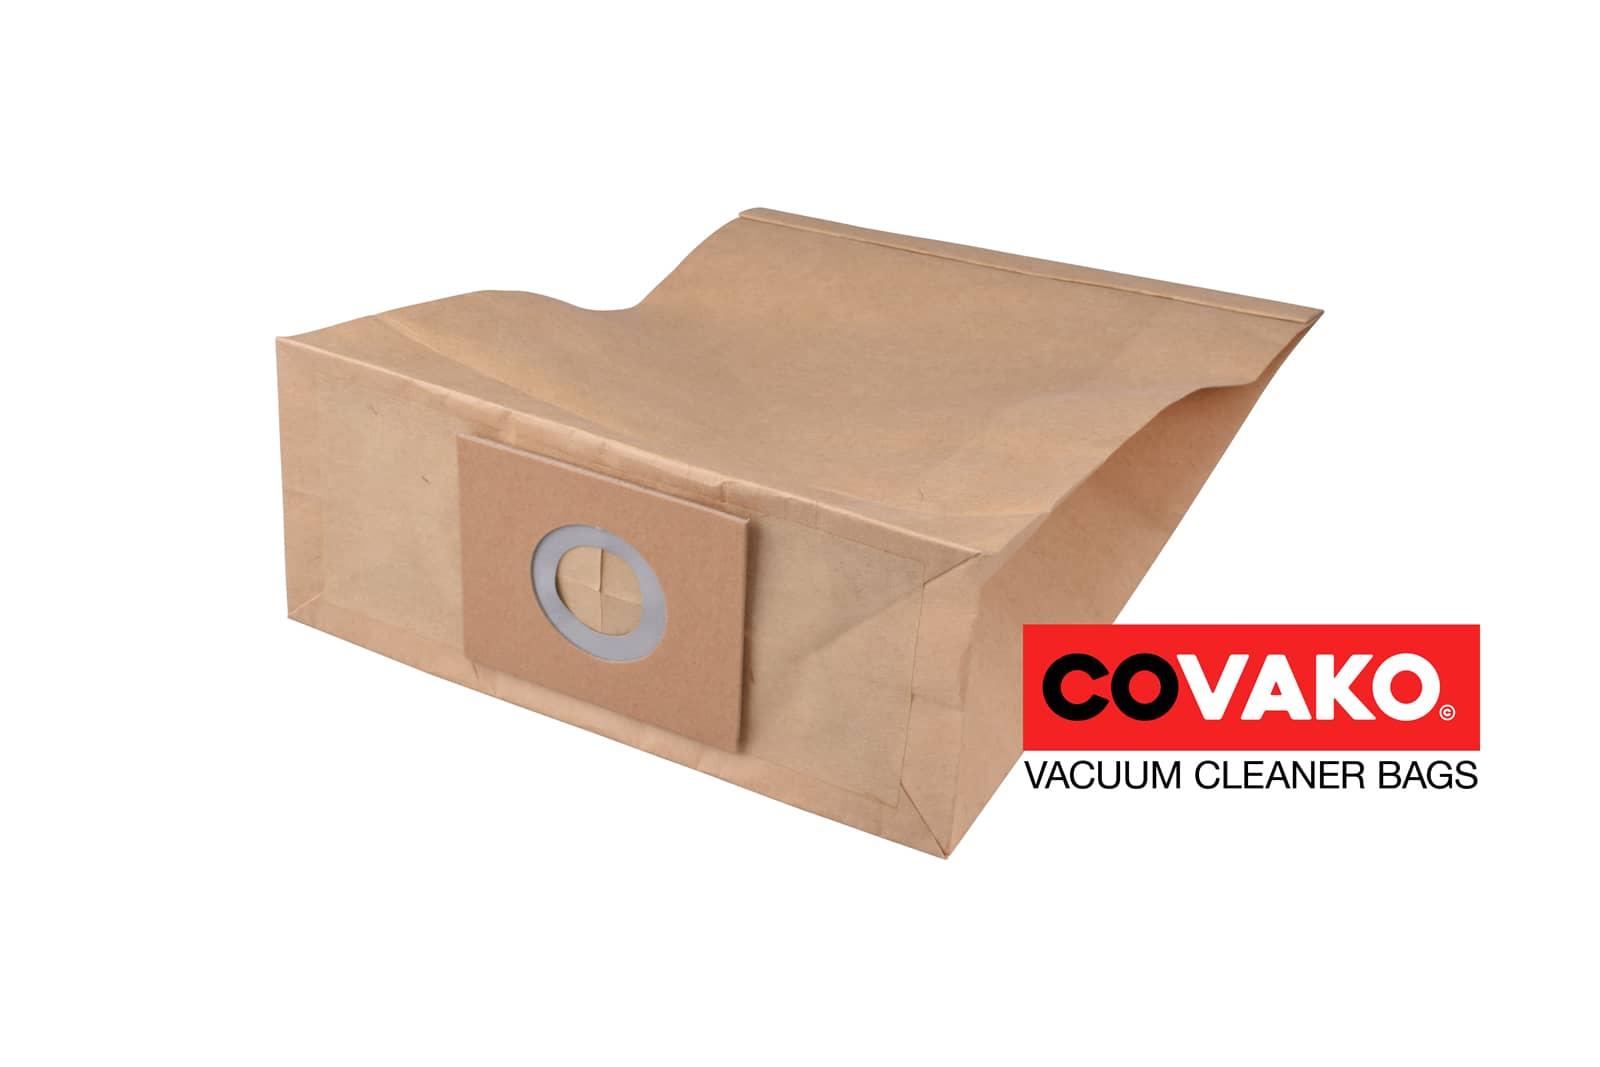 Comac Dryver 10R / Papier - Comac Staubsaugerbeutel